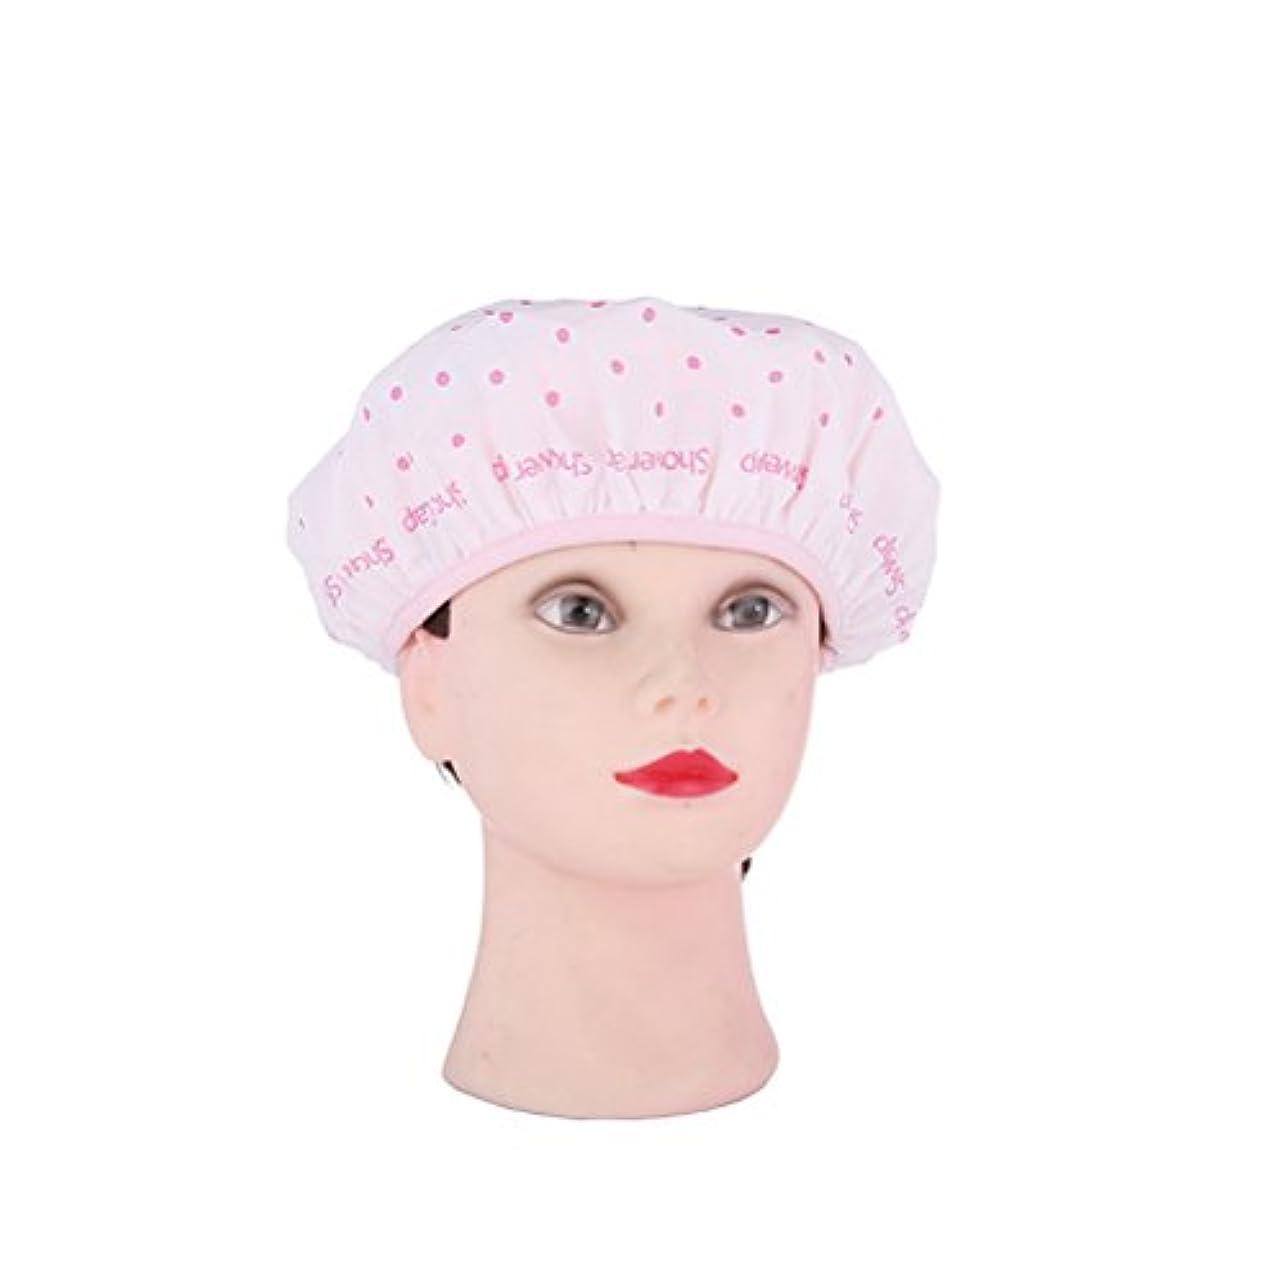 出身地パースブラックボロウ光沢ROSENICE シャワーキャップ防水性モールド抵抗性の洗えるシャワーキャップかわいいやわらかい髪の帽子(ピンク)